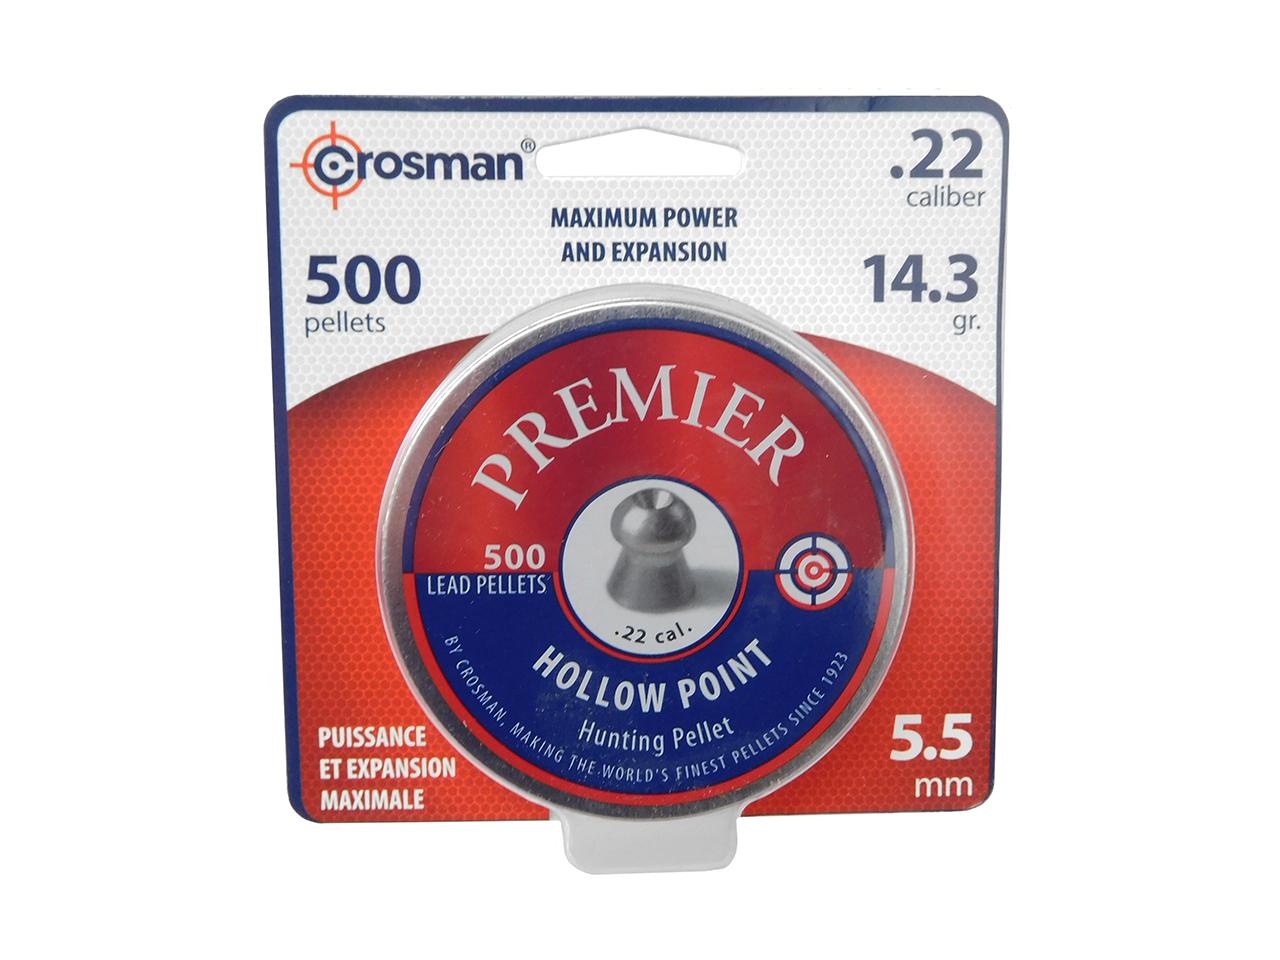 for sale online 500ct Crosman LHP22 .22 Hollow Point 14.3gr Premier Pellets